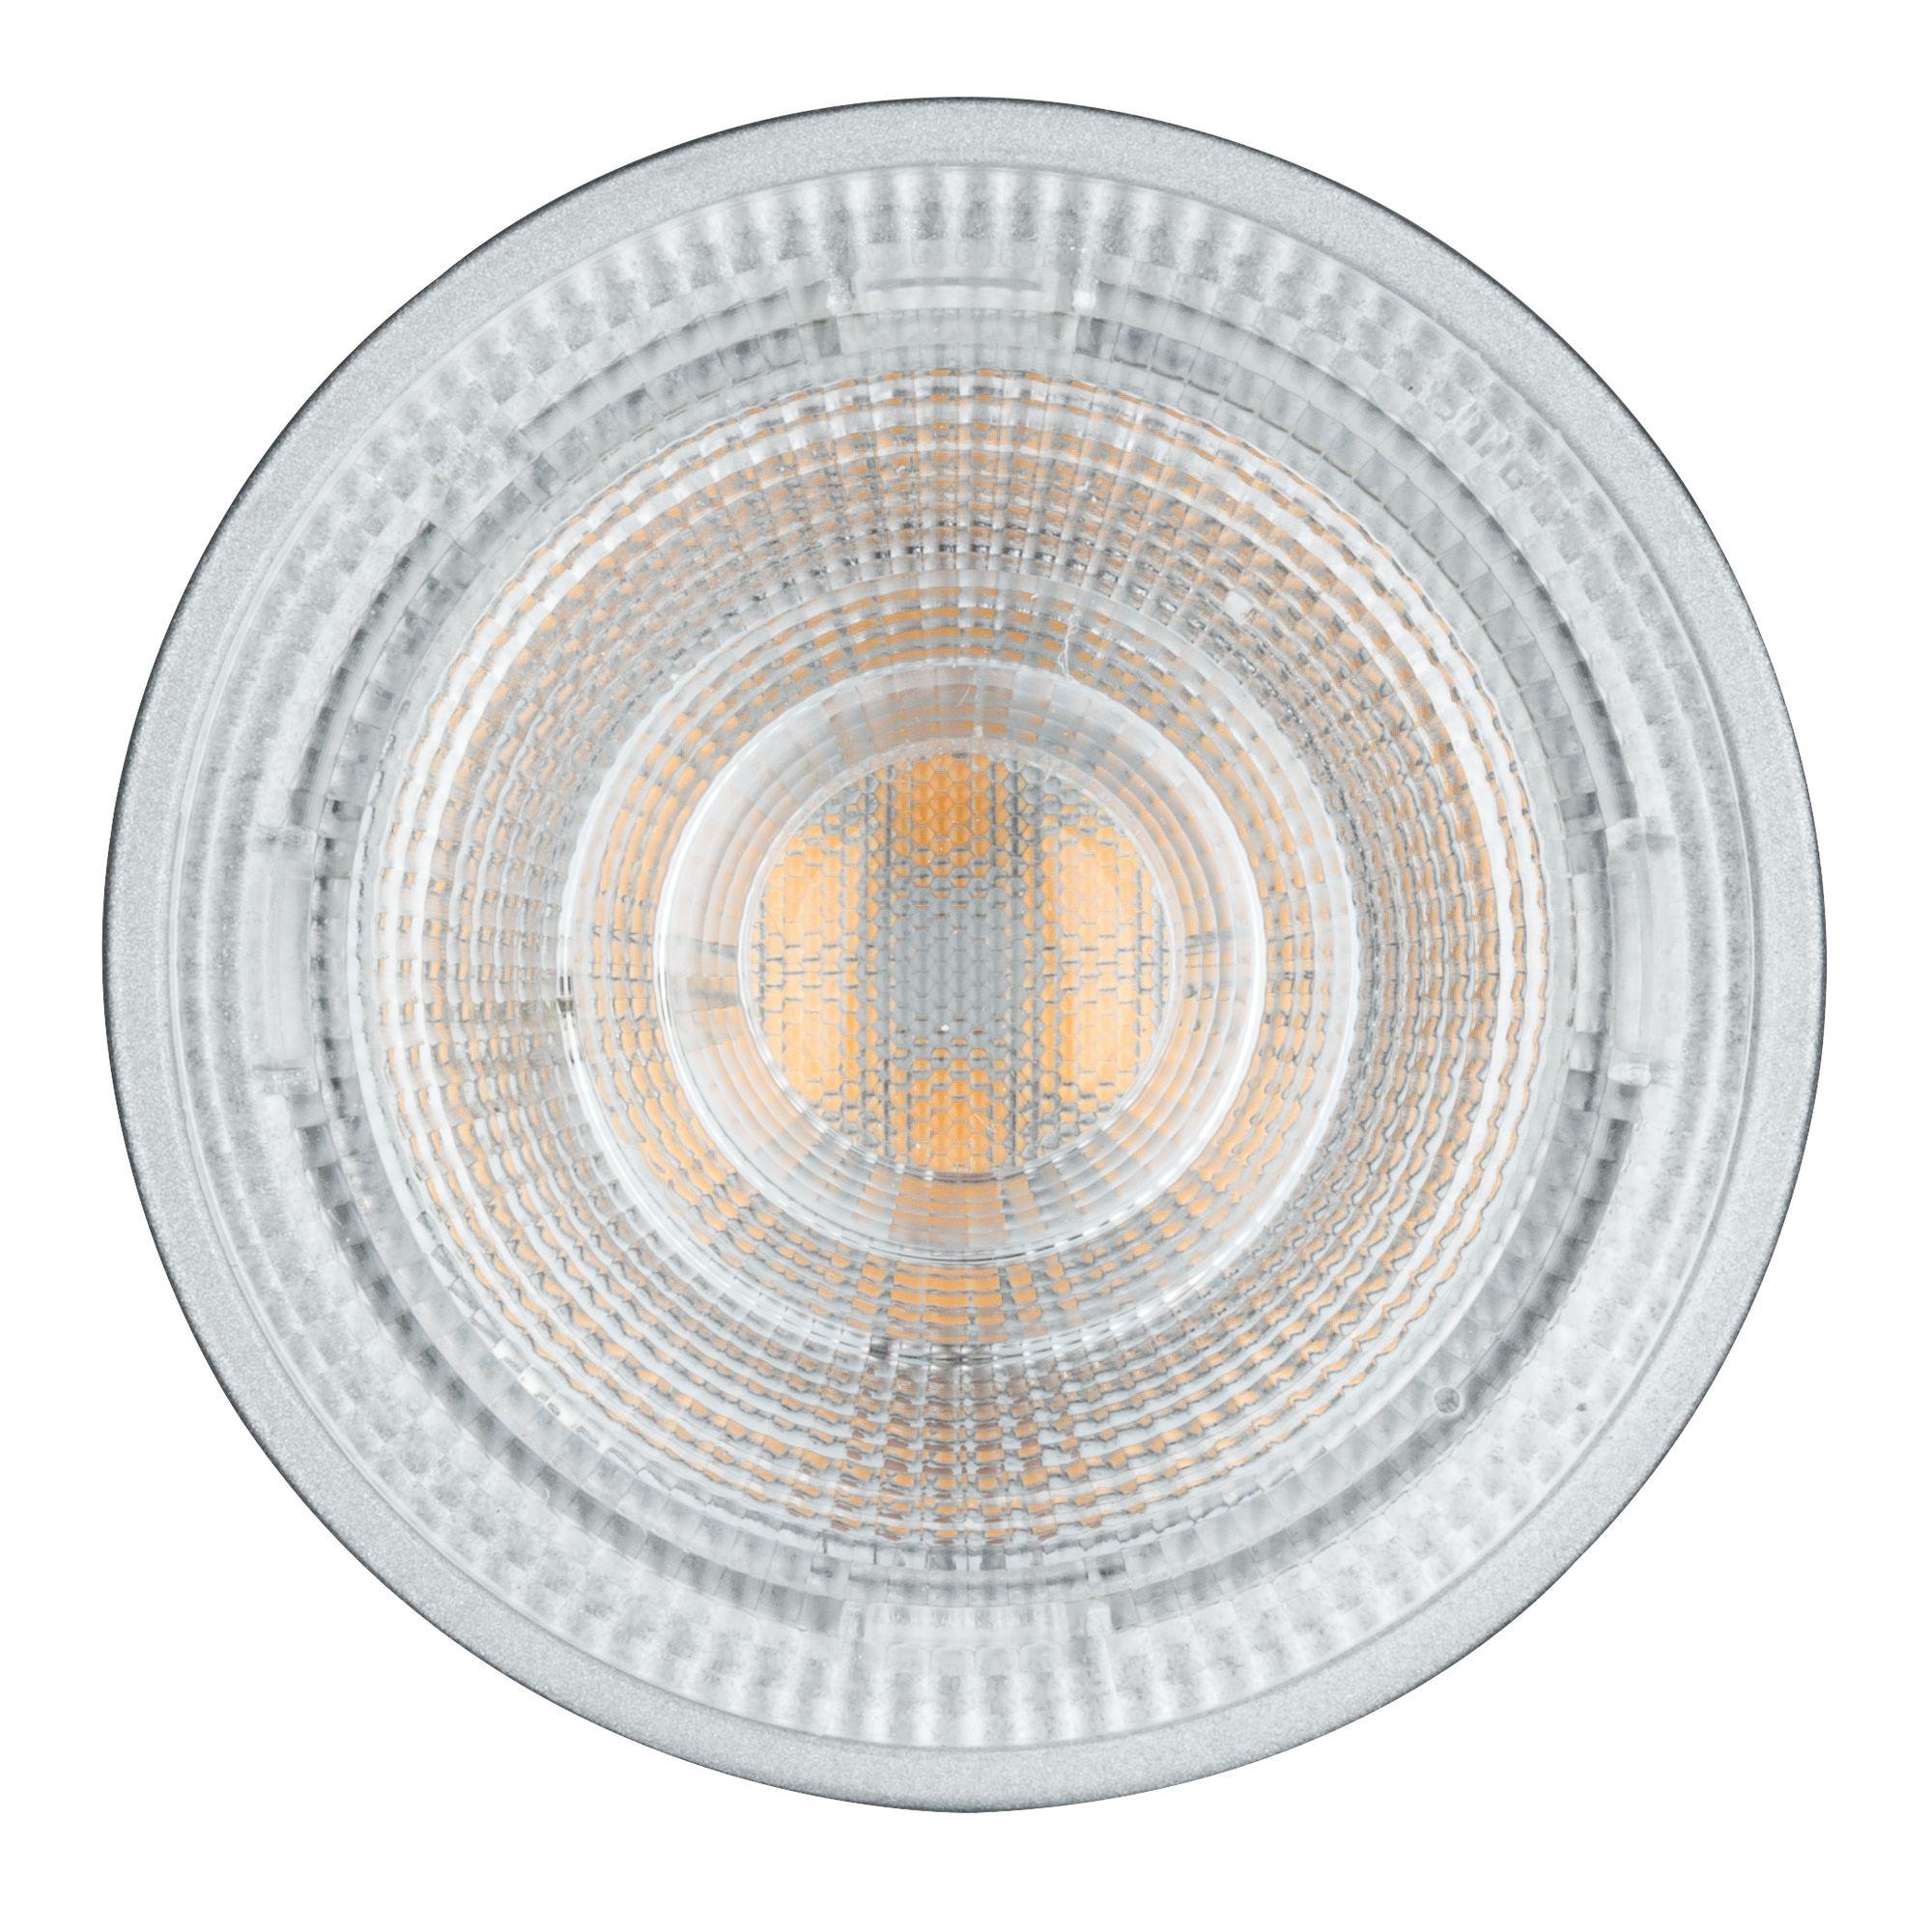 Лампа светодиодная Paulmann Рефлекторная 6.5Вт 460лм 2700K GU5.3 230В Алюминий Дим. 28466.